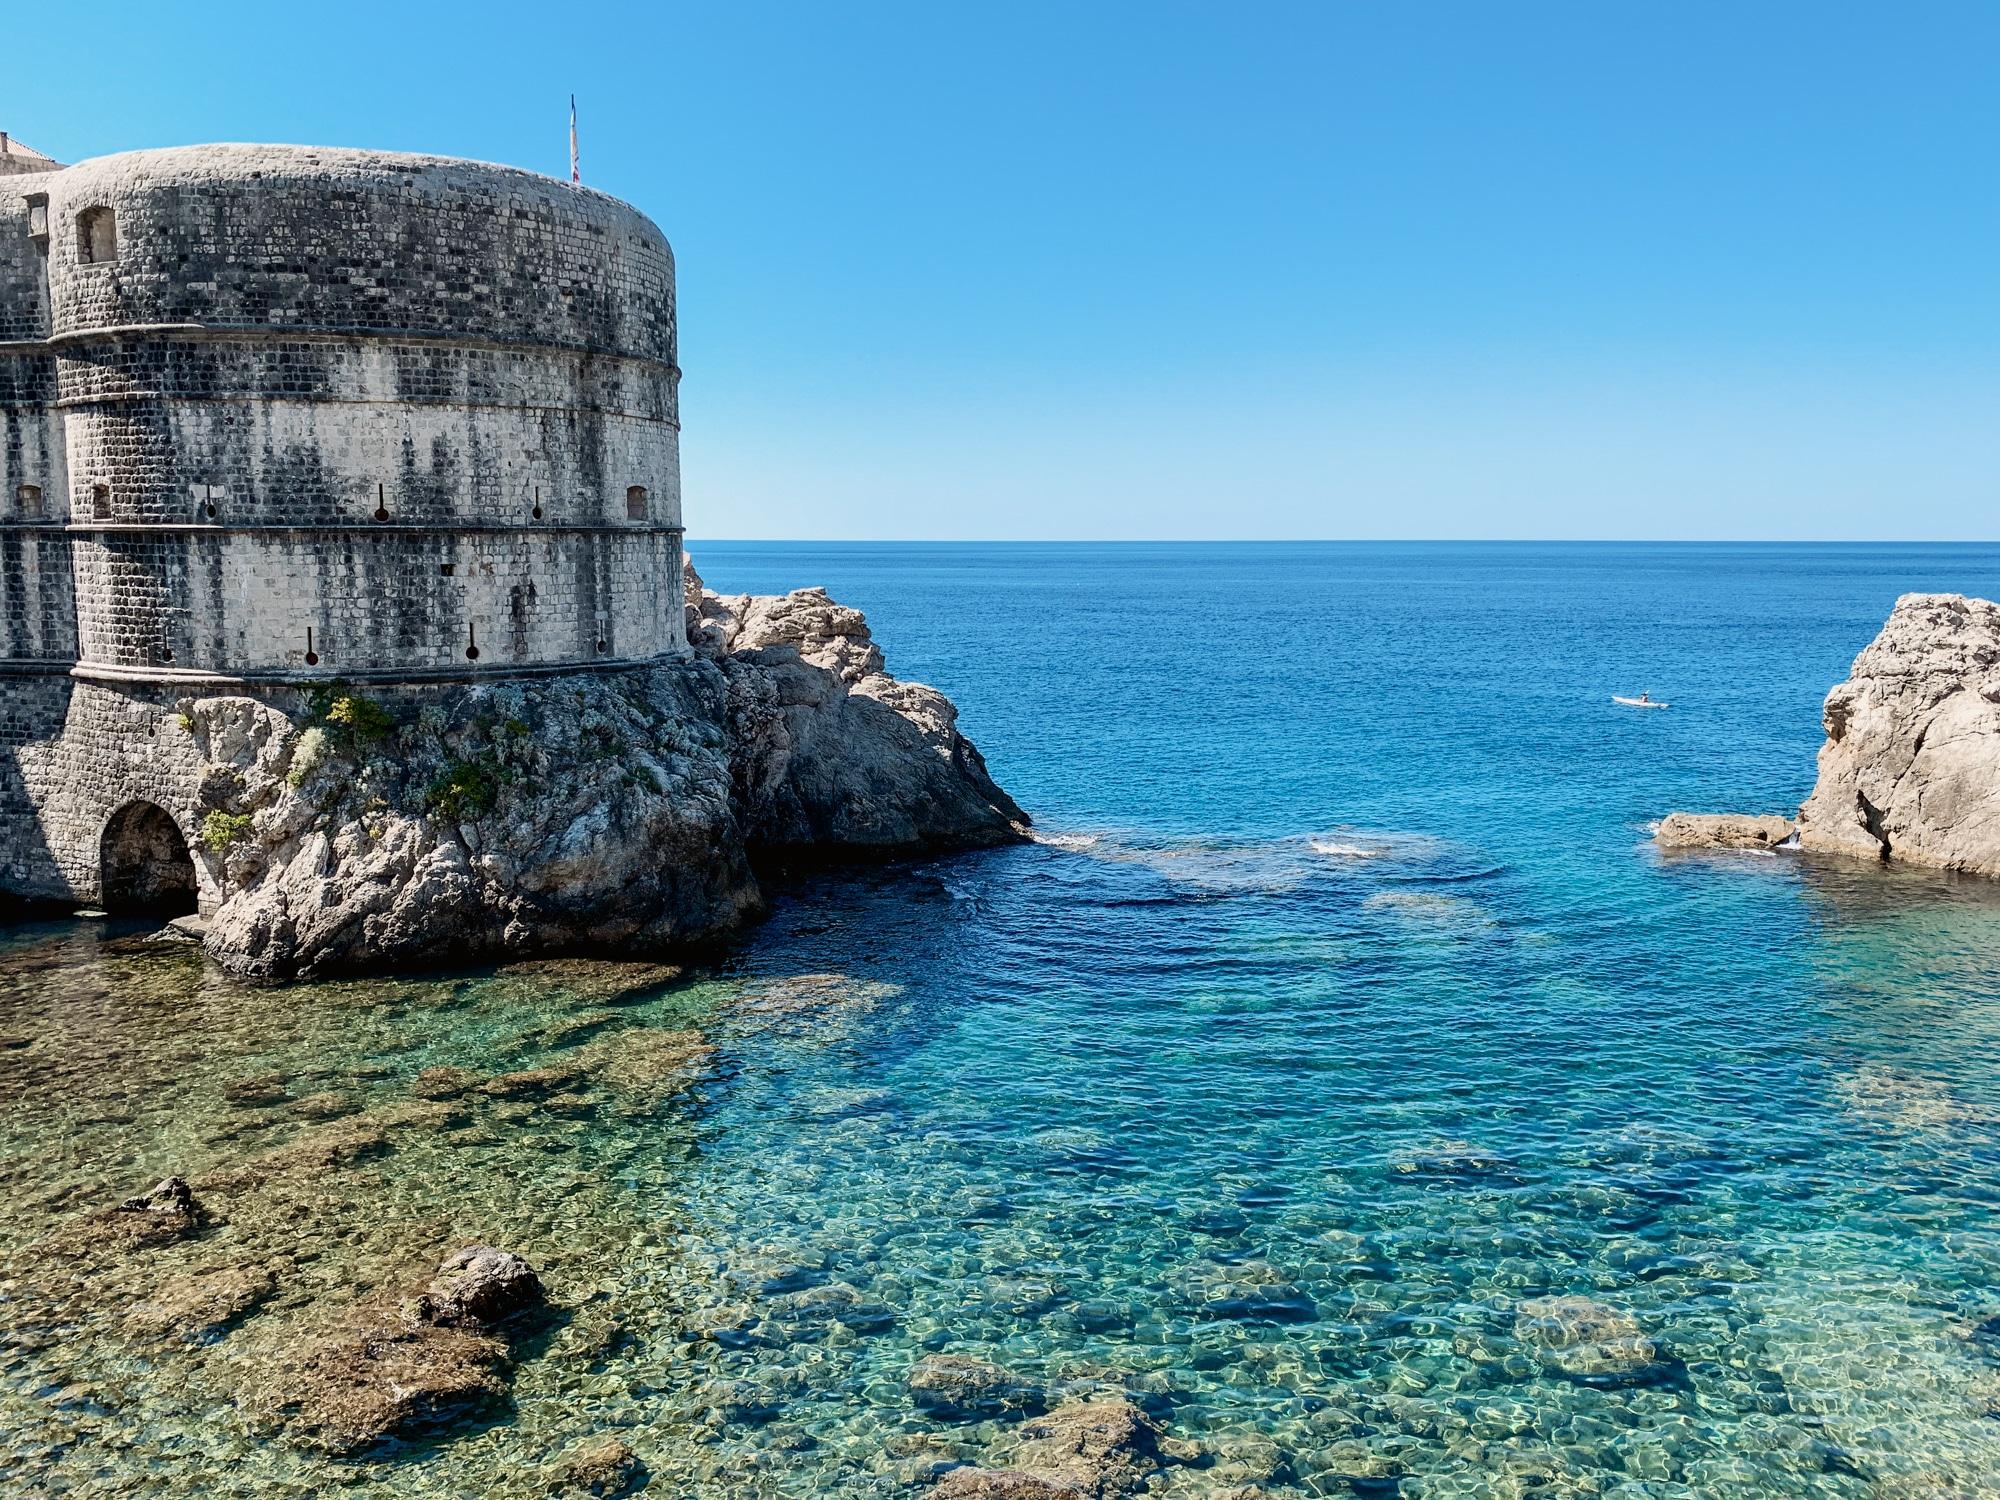 Dubrovnik Sehenswürdigkeiten Top 10: Meine Highlights und Tipps - Stadtmauern Rundgang, Blackwater Bay